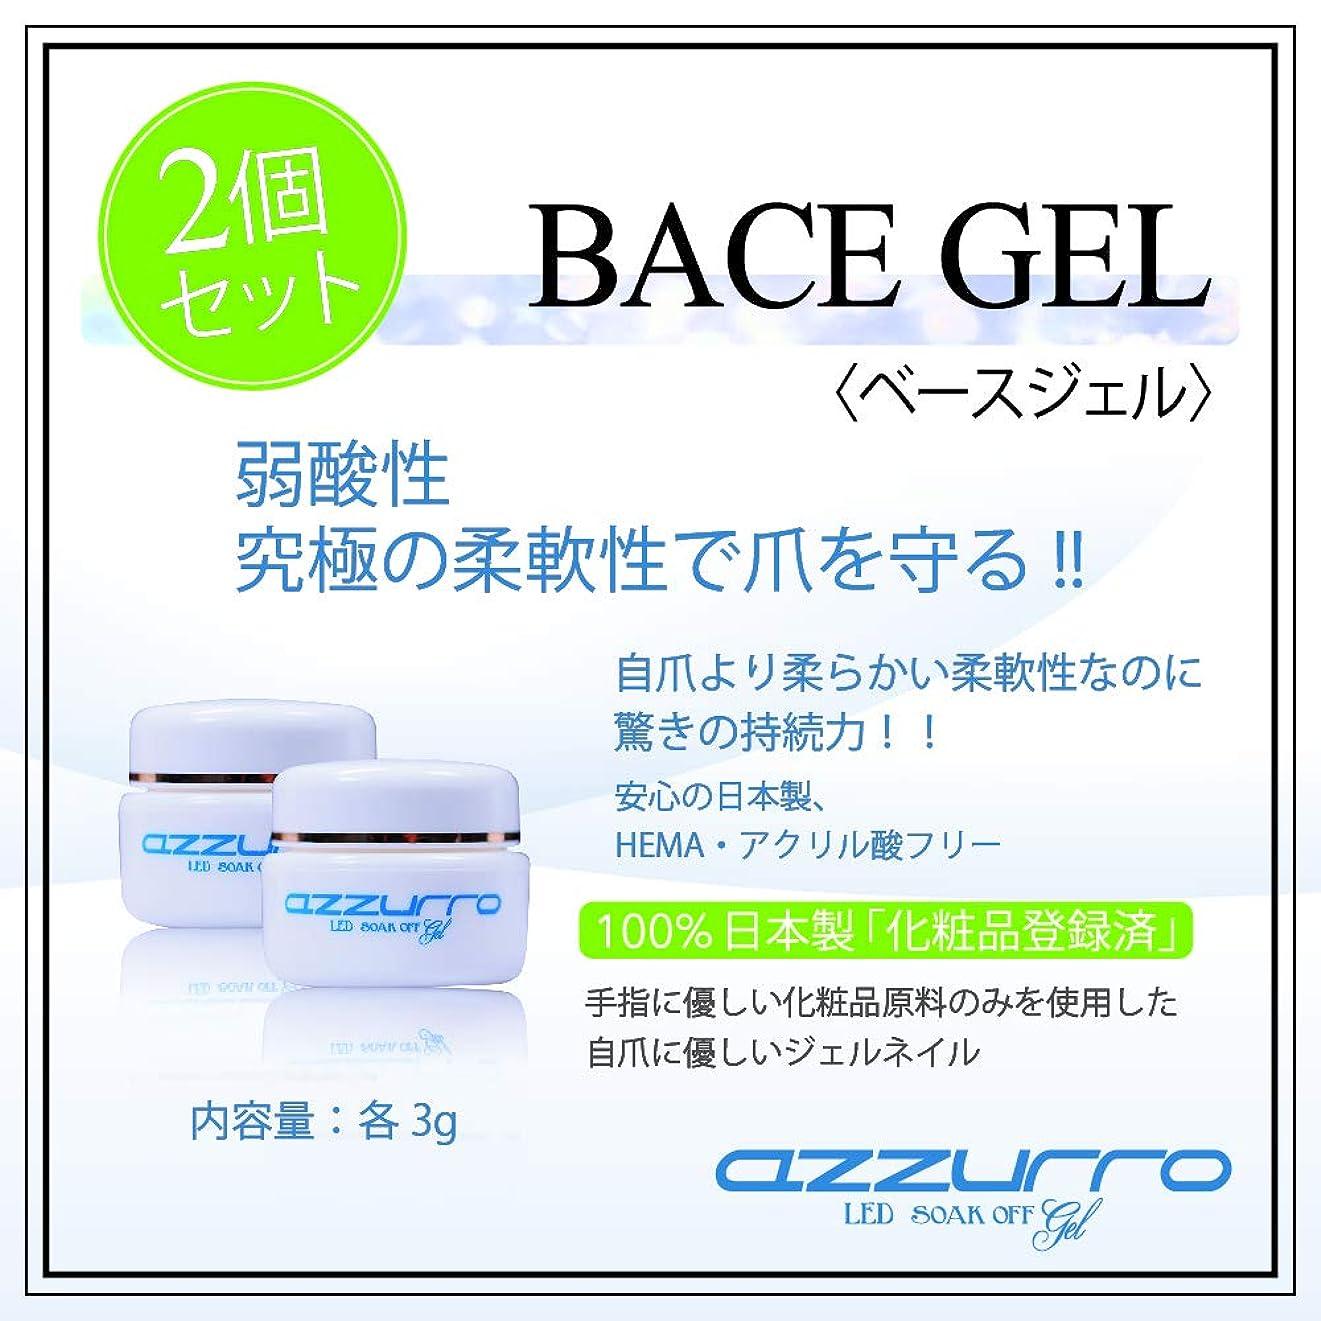 戦うベアリングサークル履歴書azzurro gel アッズーロベースジェル お得な2個セット 爪に優しい 日本製 驚きの密着力 リムーバーでオフも簡単3g